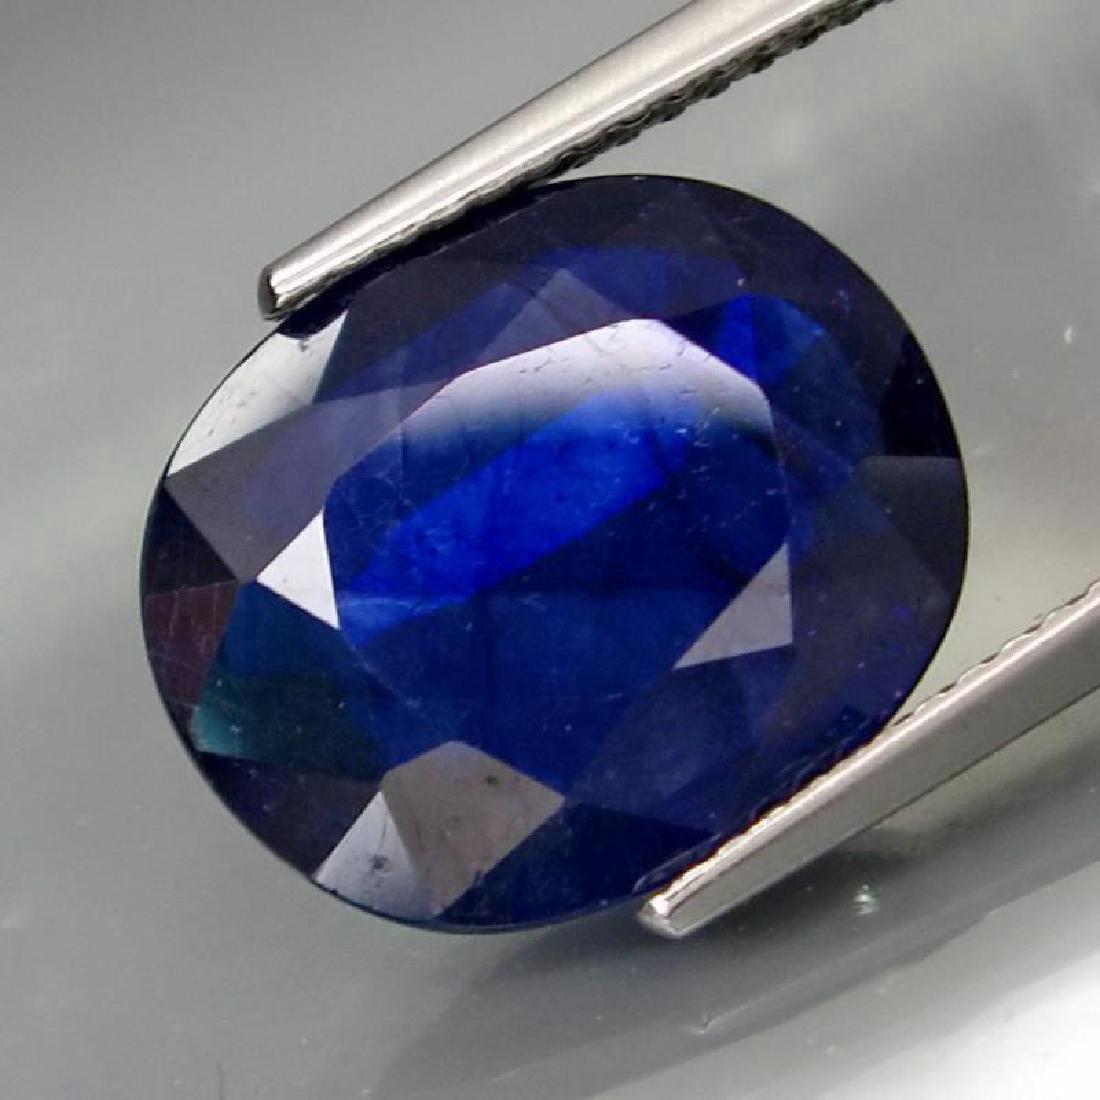 6.58 Carat Composite Loose Sapphire